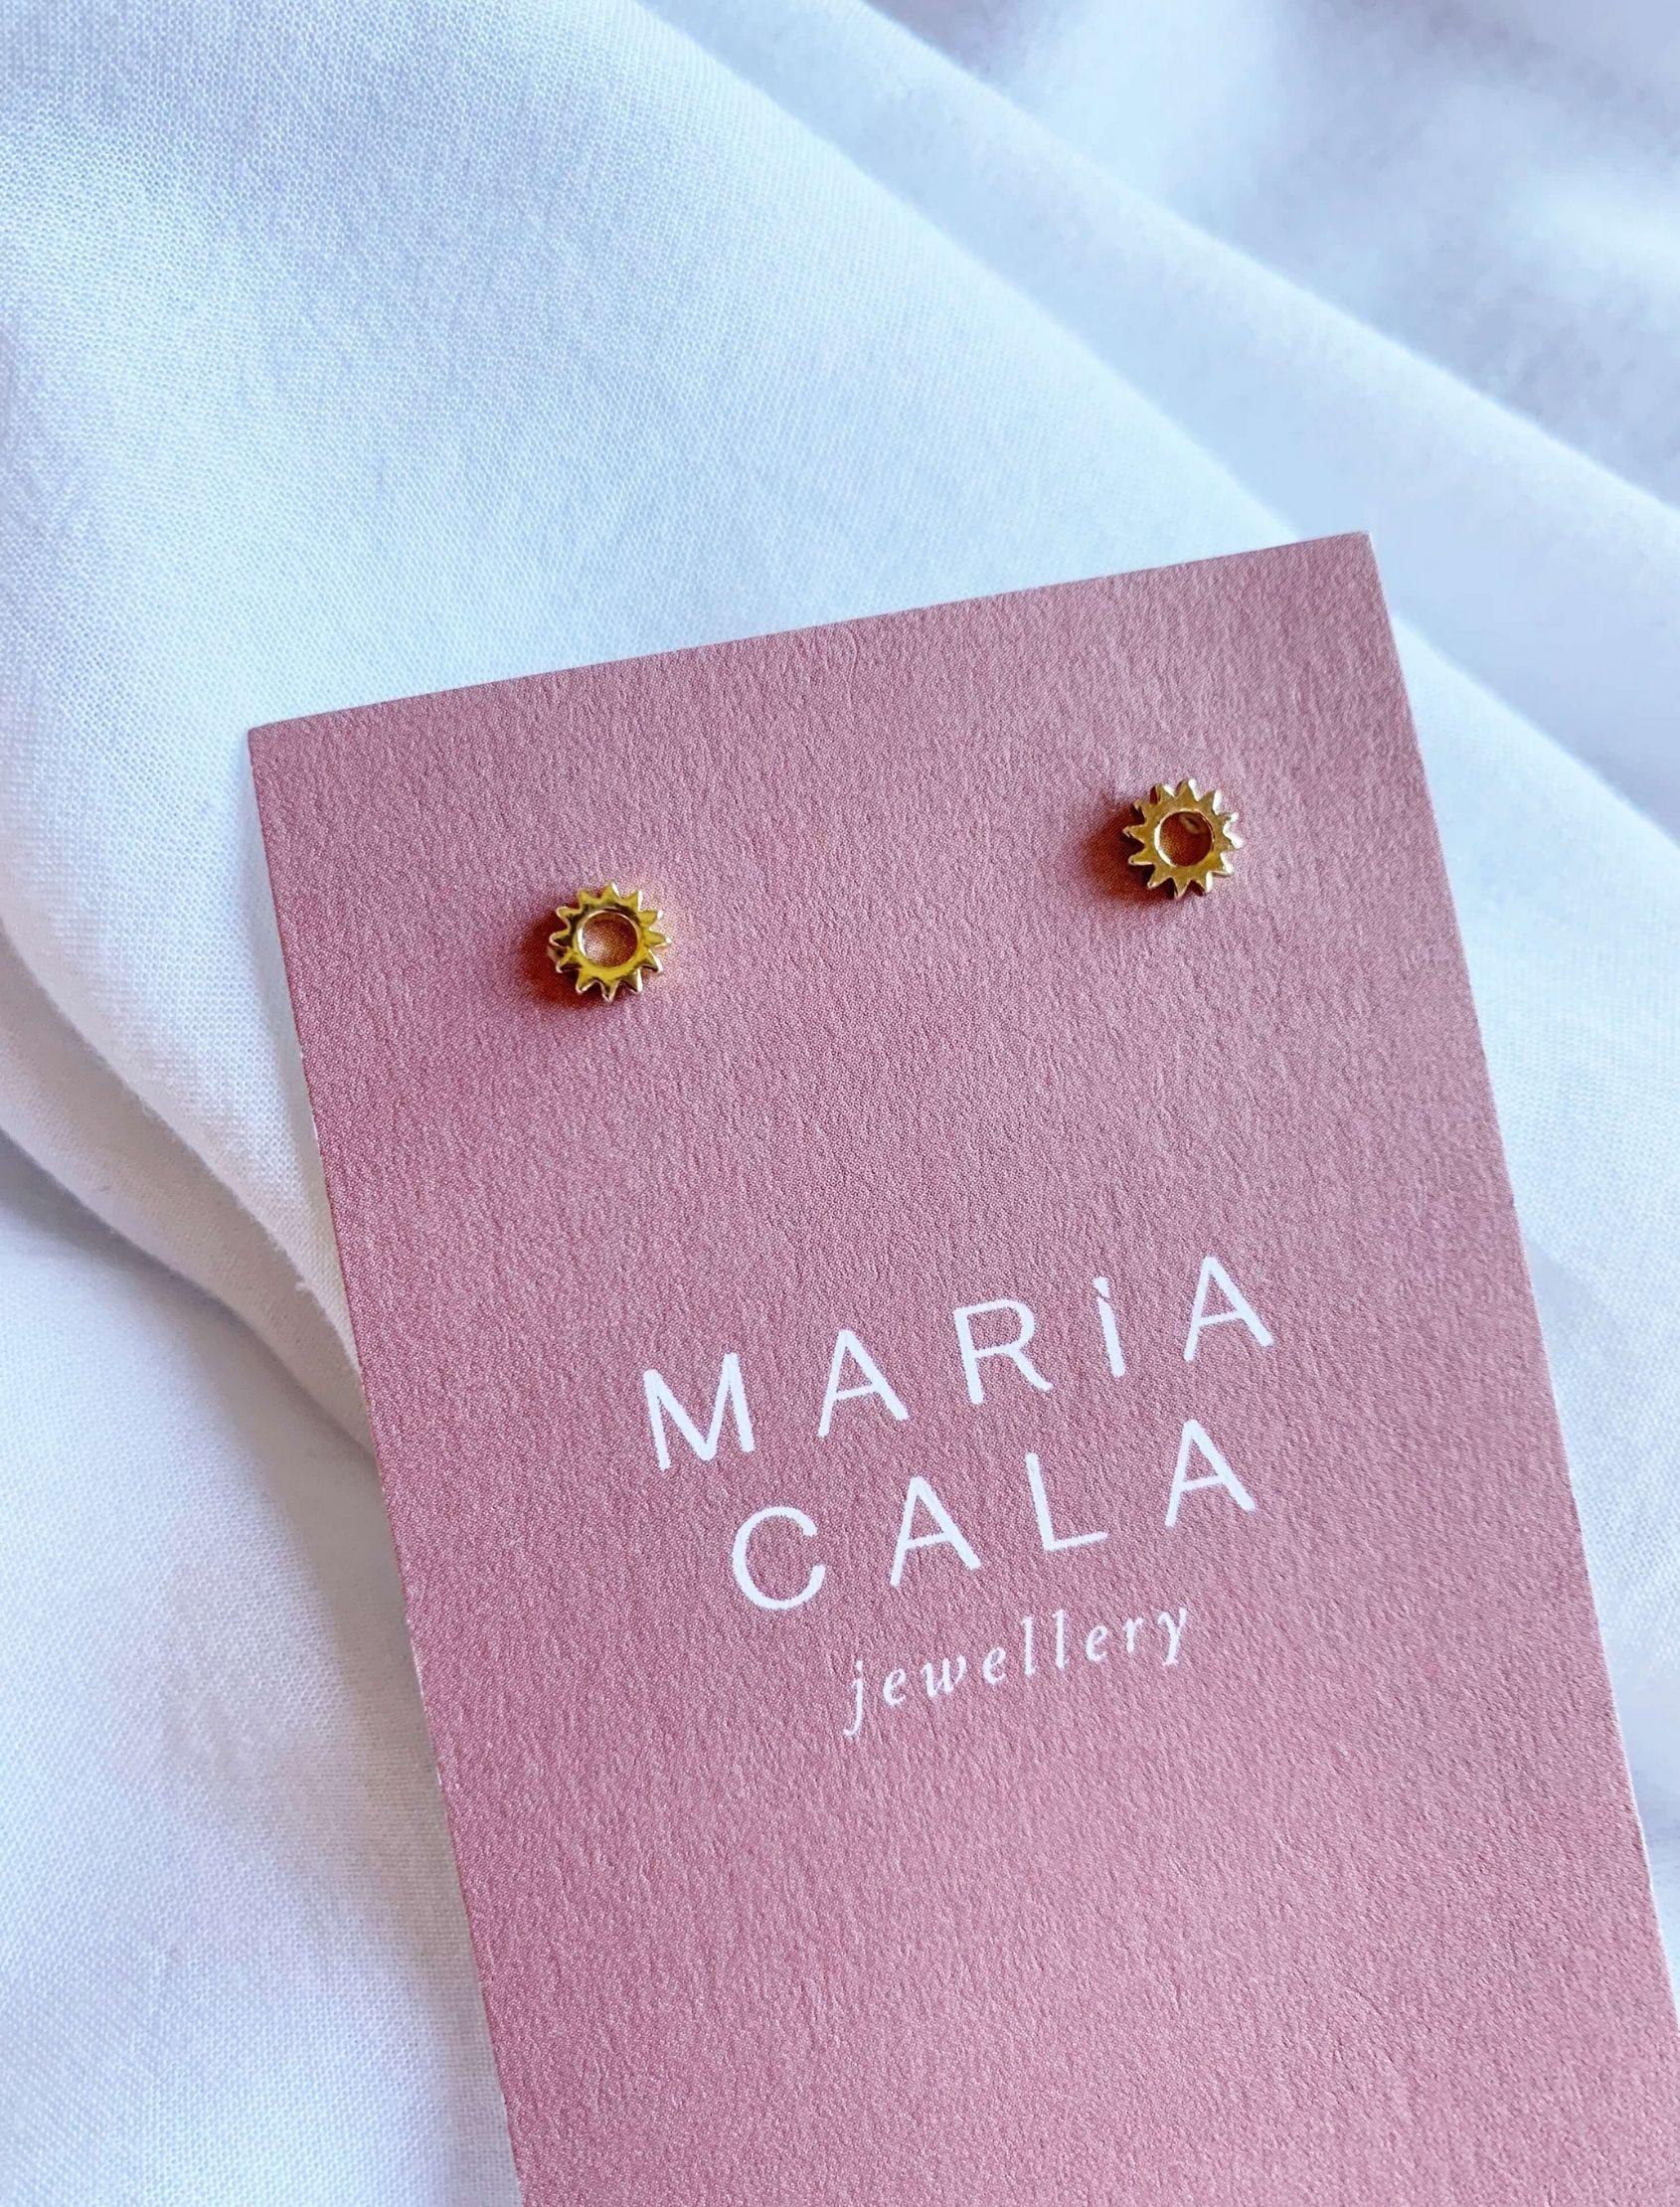 mini pendiente con forma de sol dorado de plata de ley chapada en oro de Maria cala store